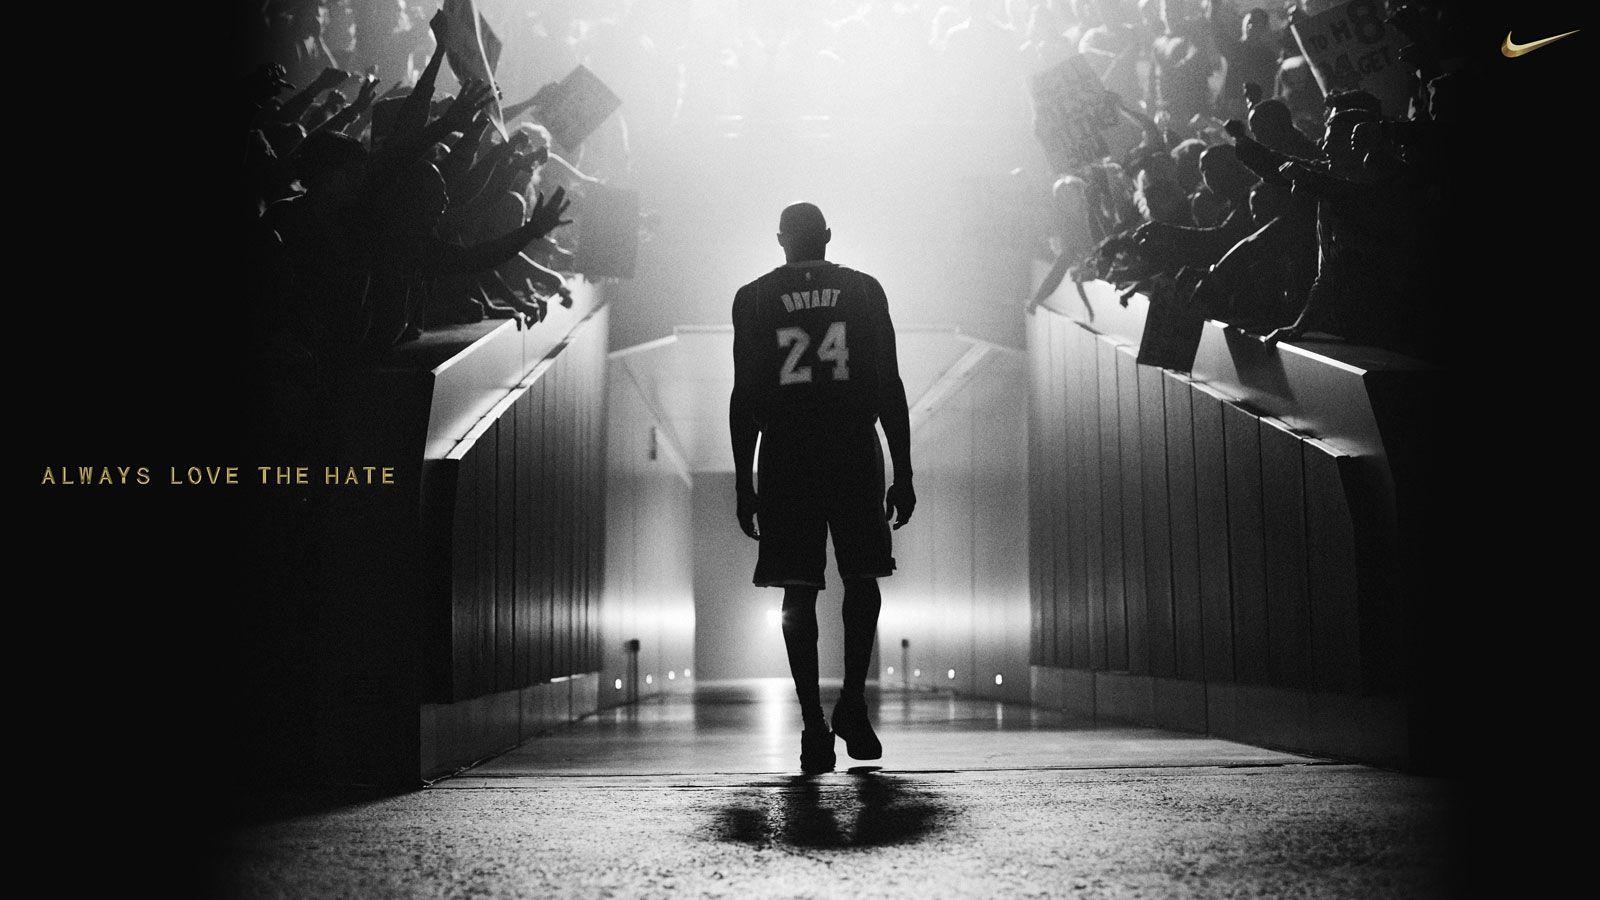 Kobe Bryant Quotes Kobe Bryant Tattoos Kobe Bryant Black Mamba Kobe bryant black and white wallpaper